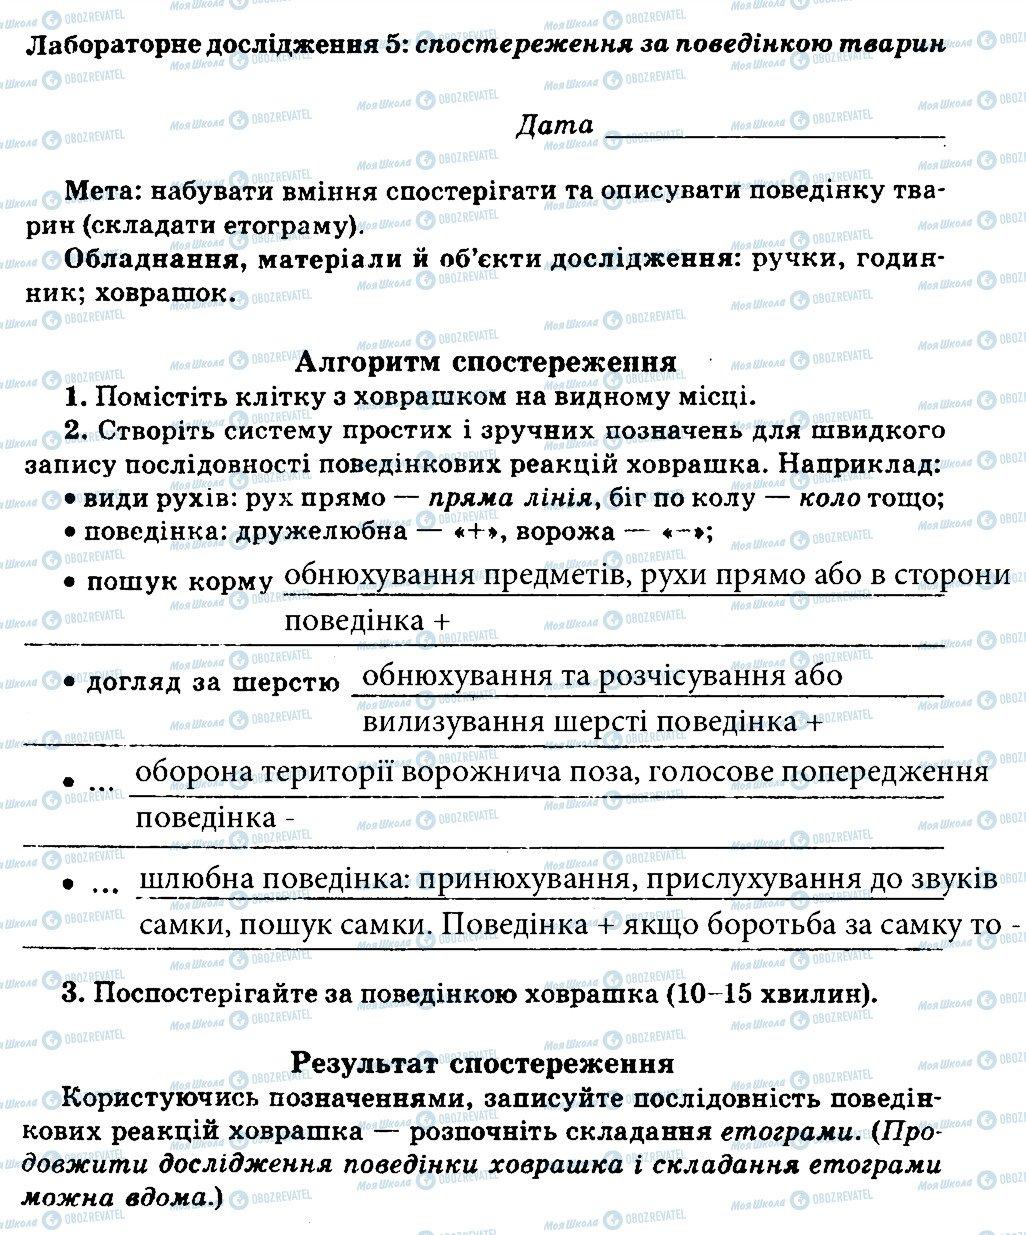 ГДЗ Біологія 7 клас сторінка ЛД5